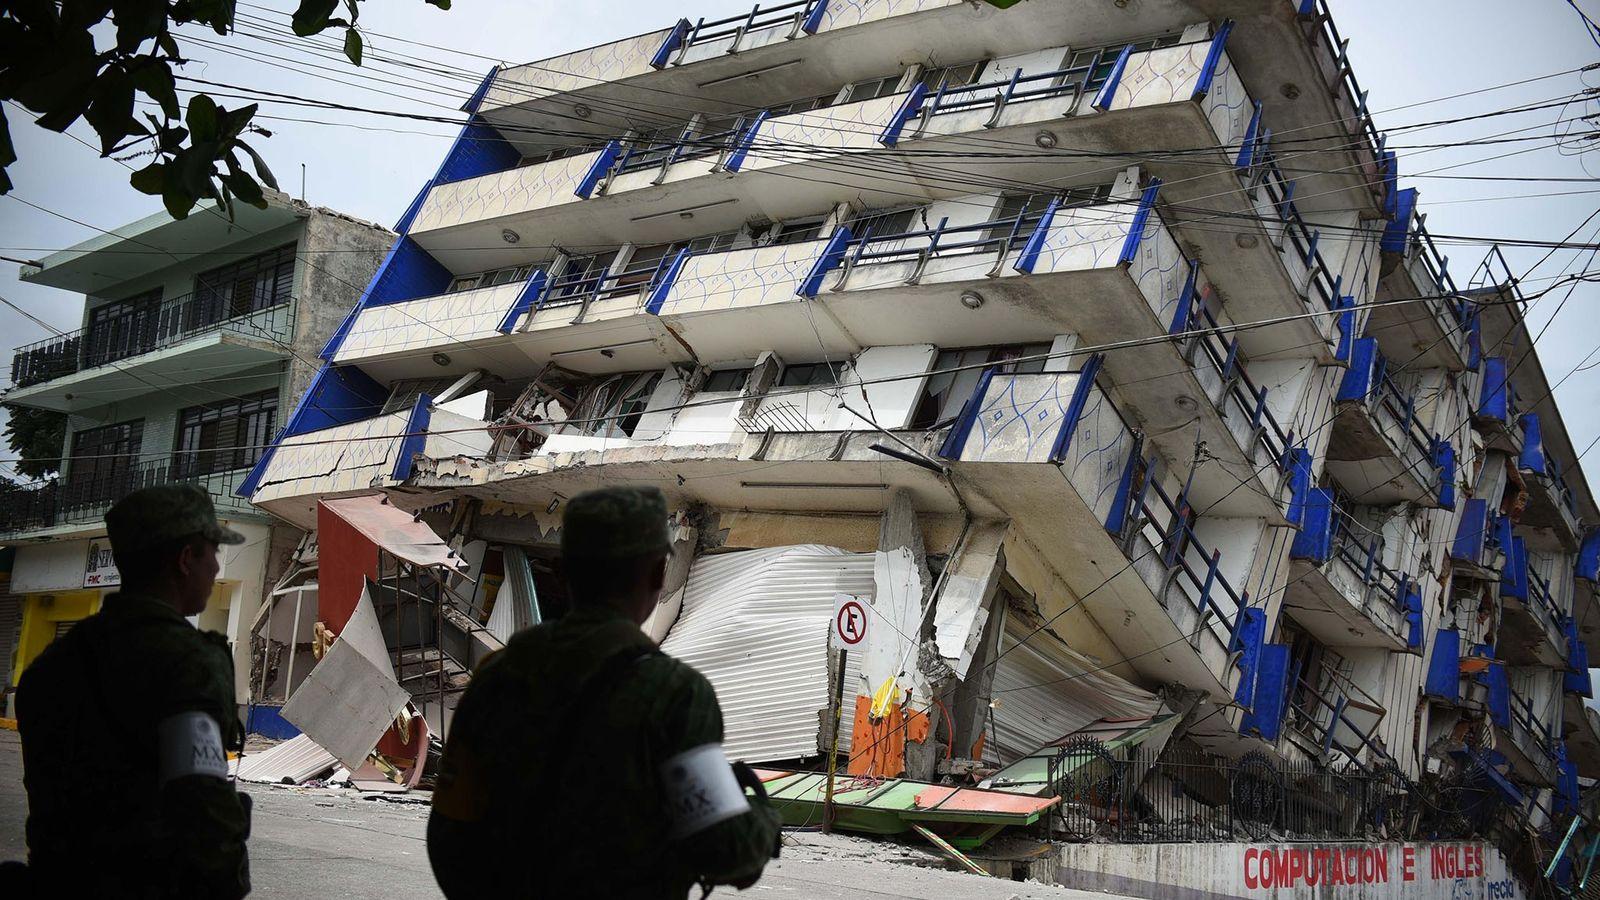 Suite au séisme de magnitude 8,2, l'hôtel « Ane Centro » situé à Matias Romero, dans ...